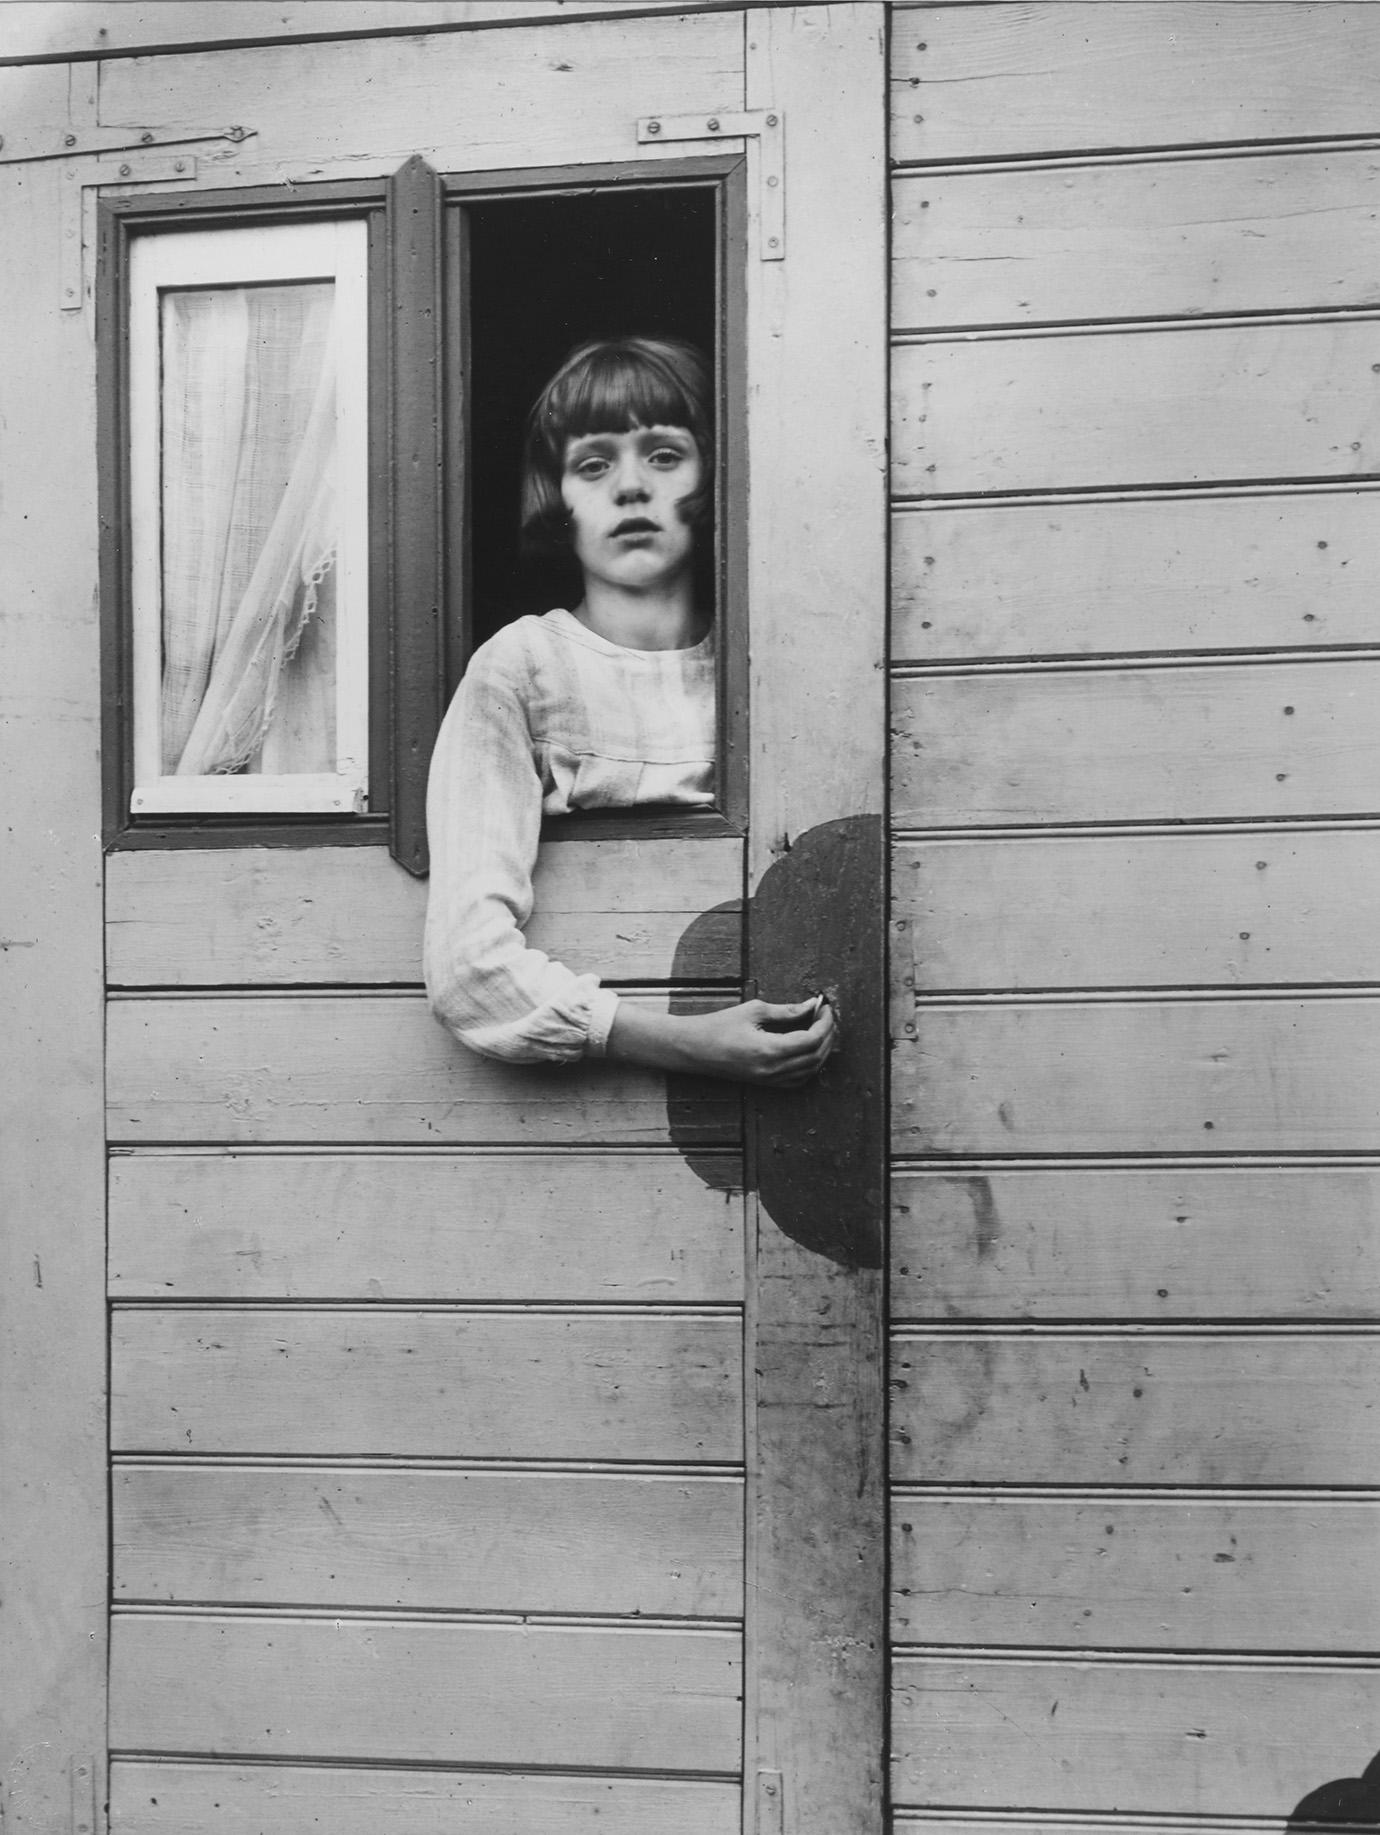 August Sander, Mädchen im Kirmeswagen, 1926-32